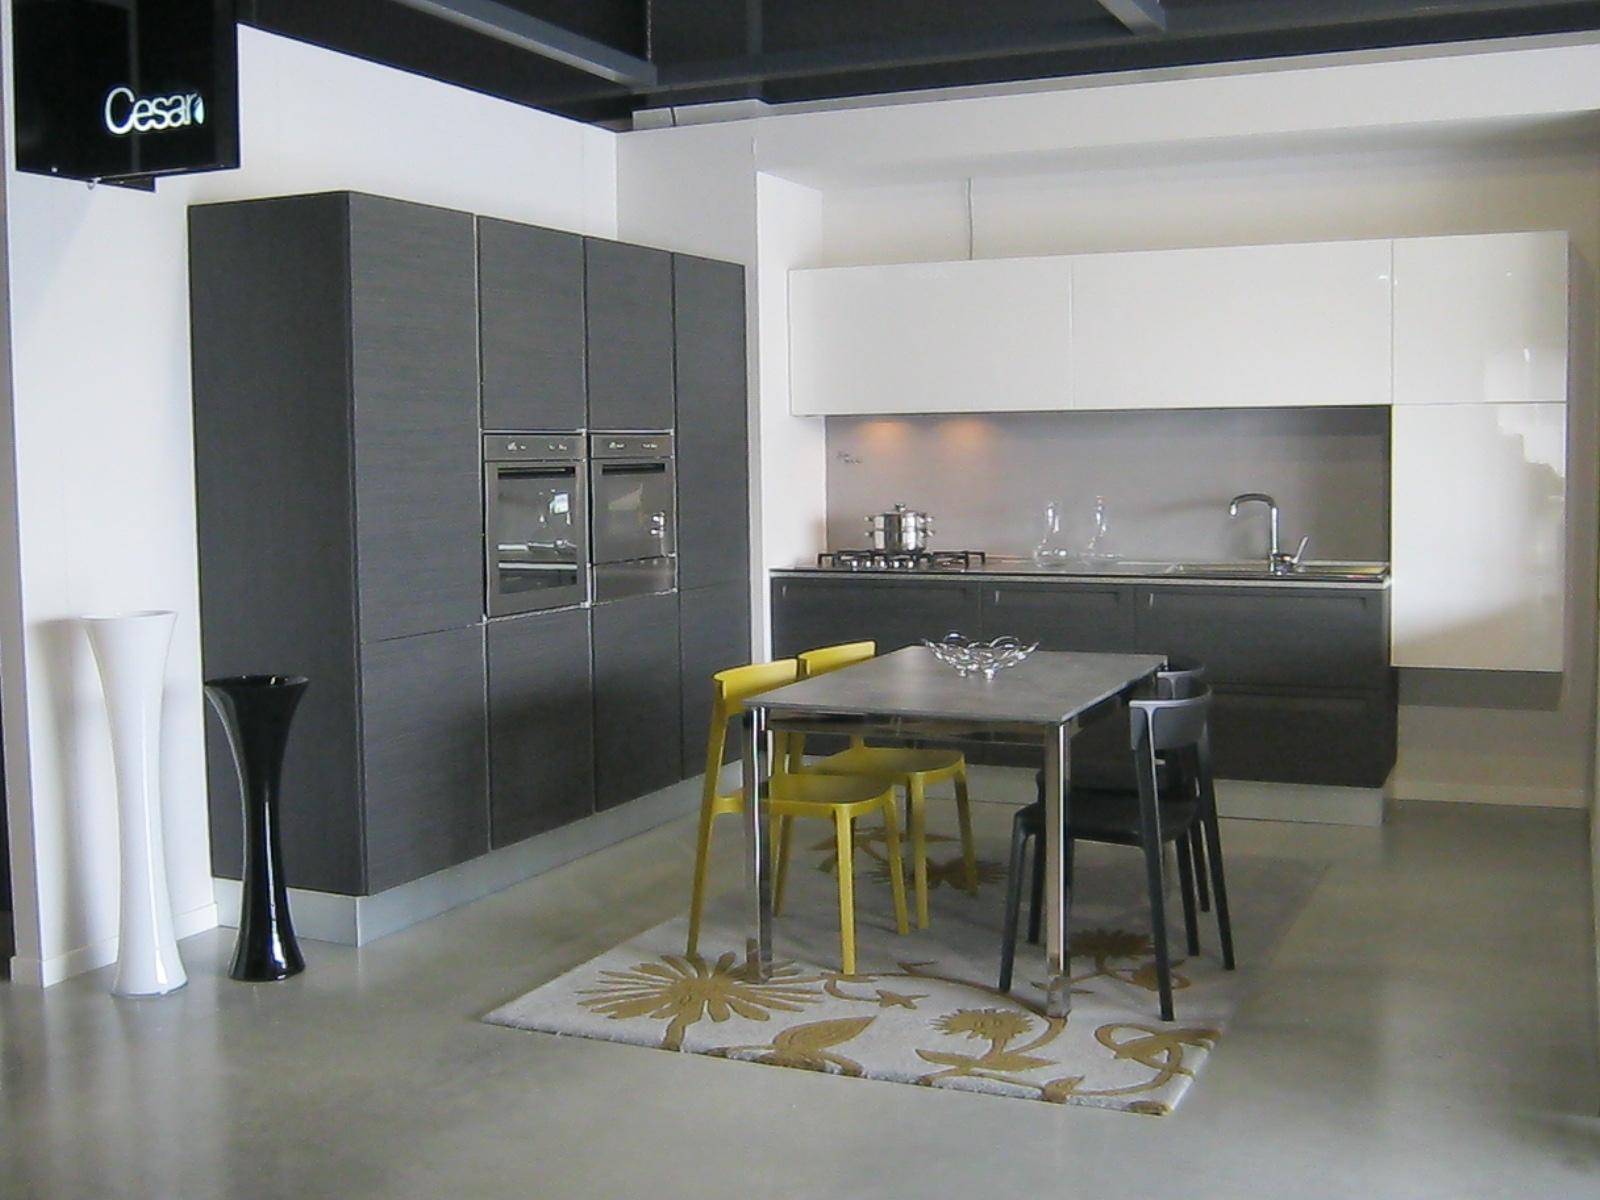 Emejing Cucine Officine Gullo Prezzi Pictures - Ideas & Design ...